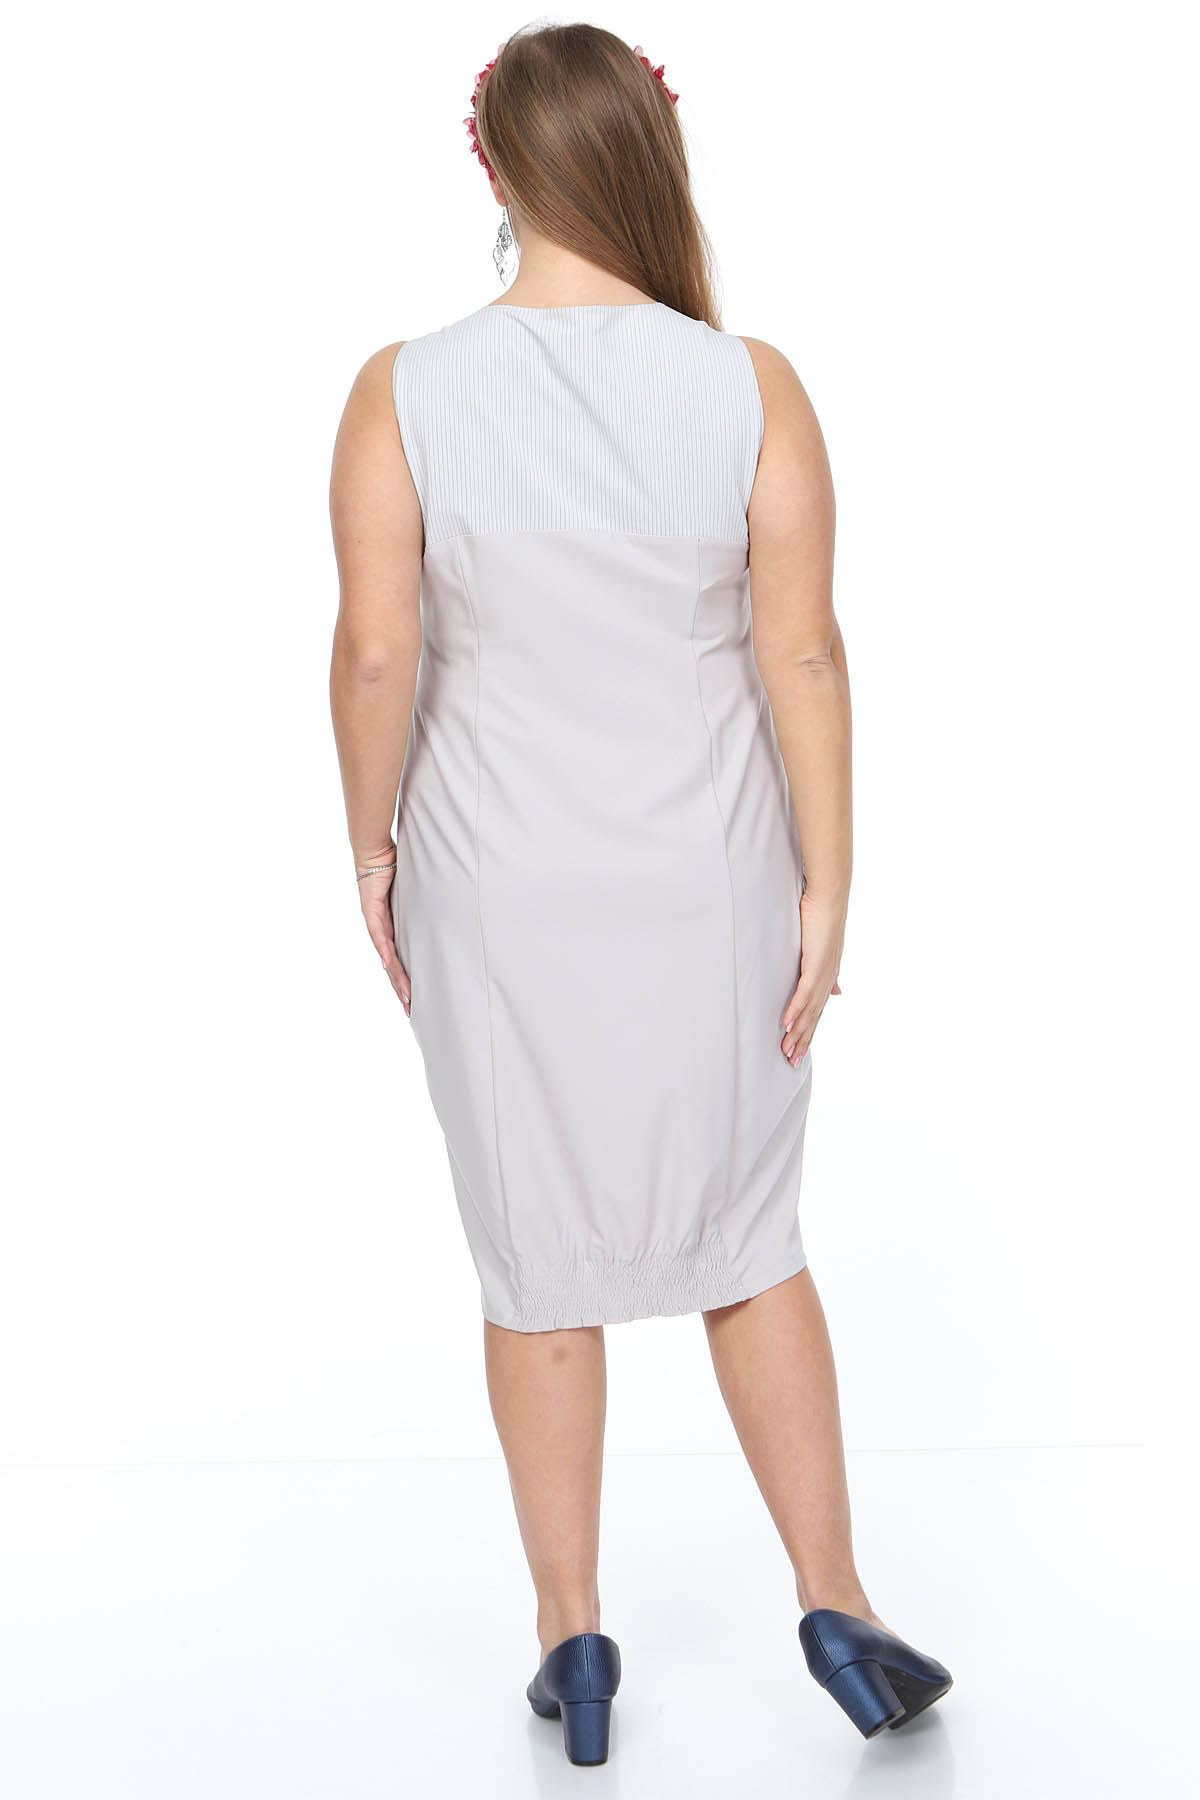 Askılı Gri Büyük Beden Elbise 20Y-0914